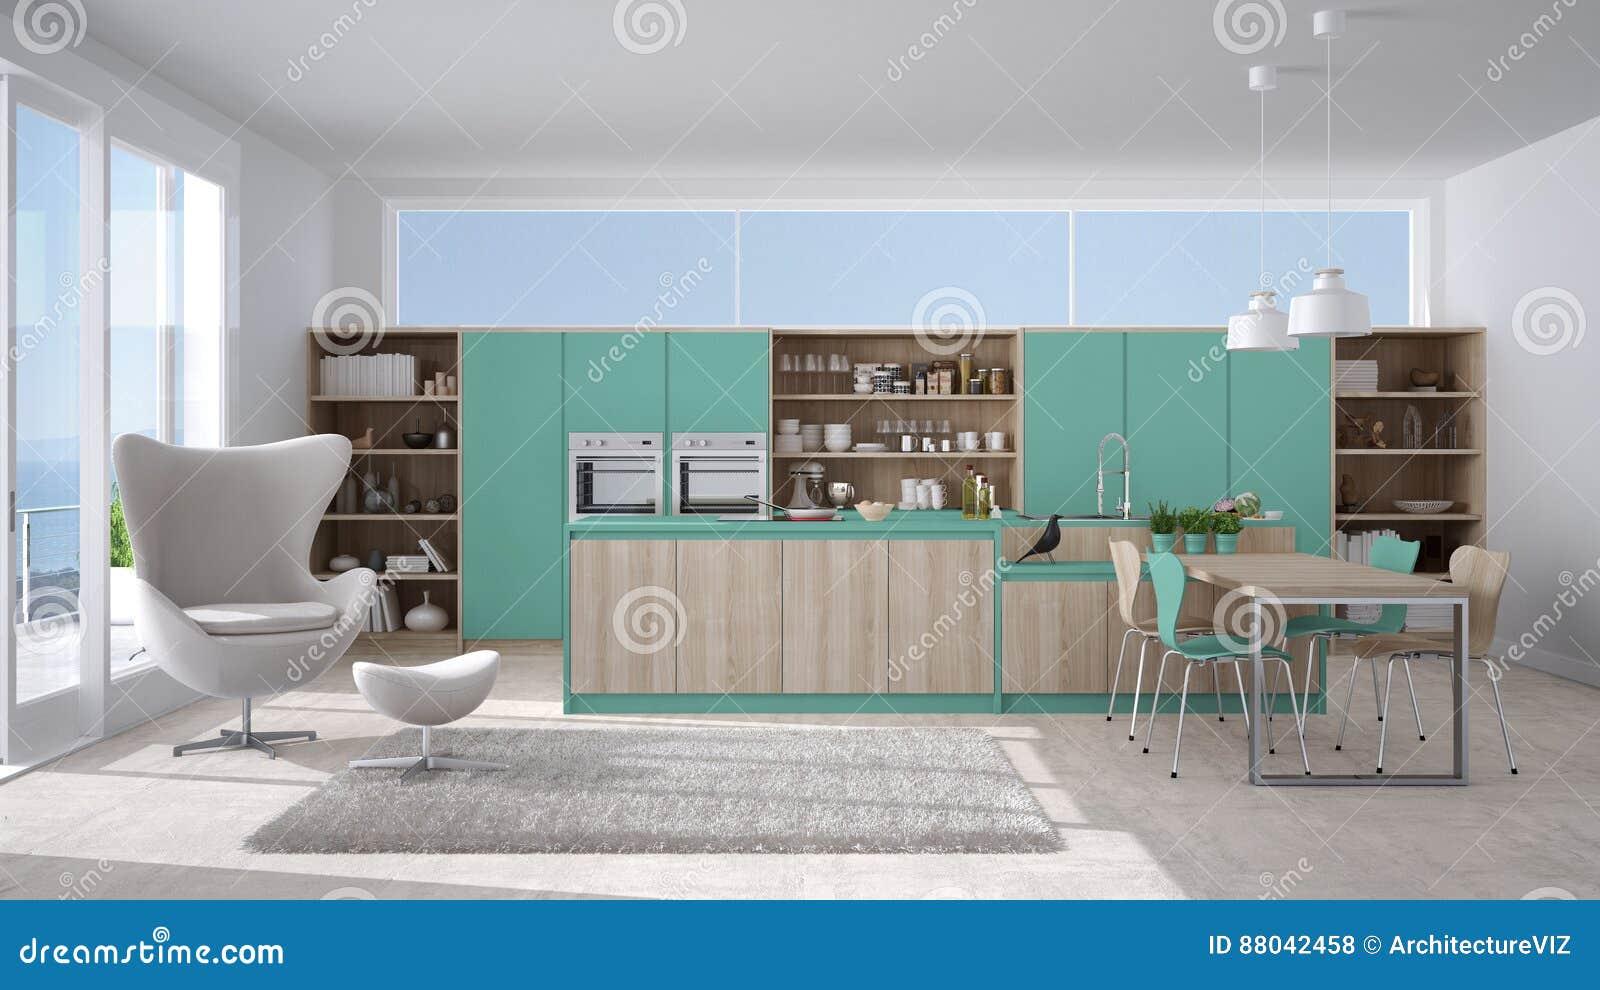 Moderne witte en turkooise keuken met houten details grote wind stock illustratie afbeelding - Witte keuken en hout ...